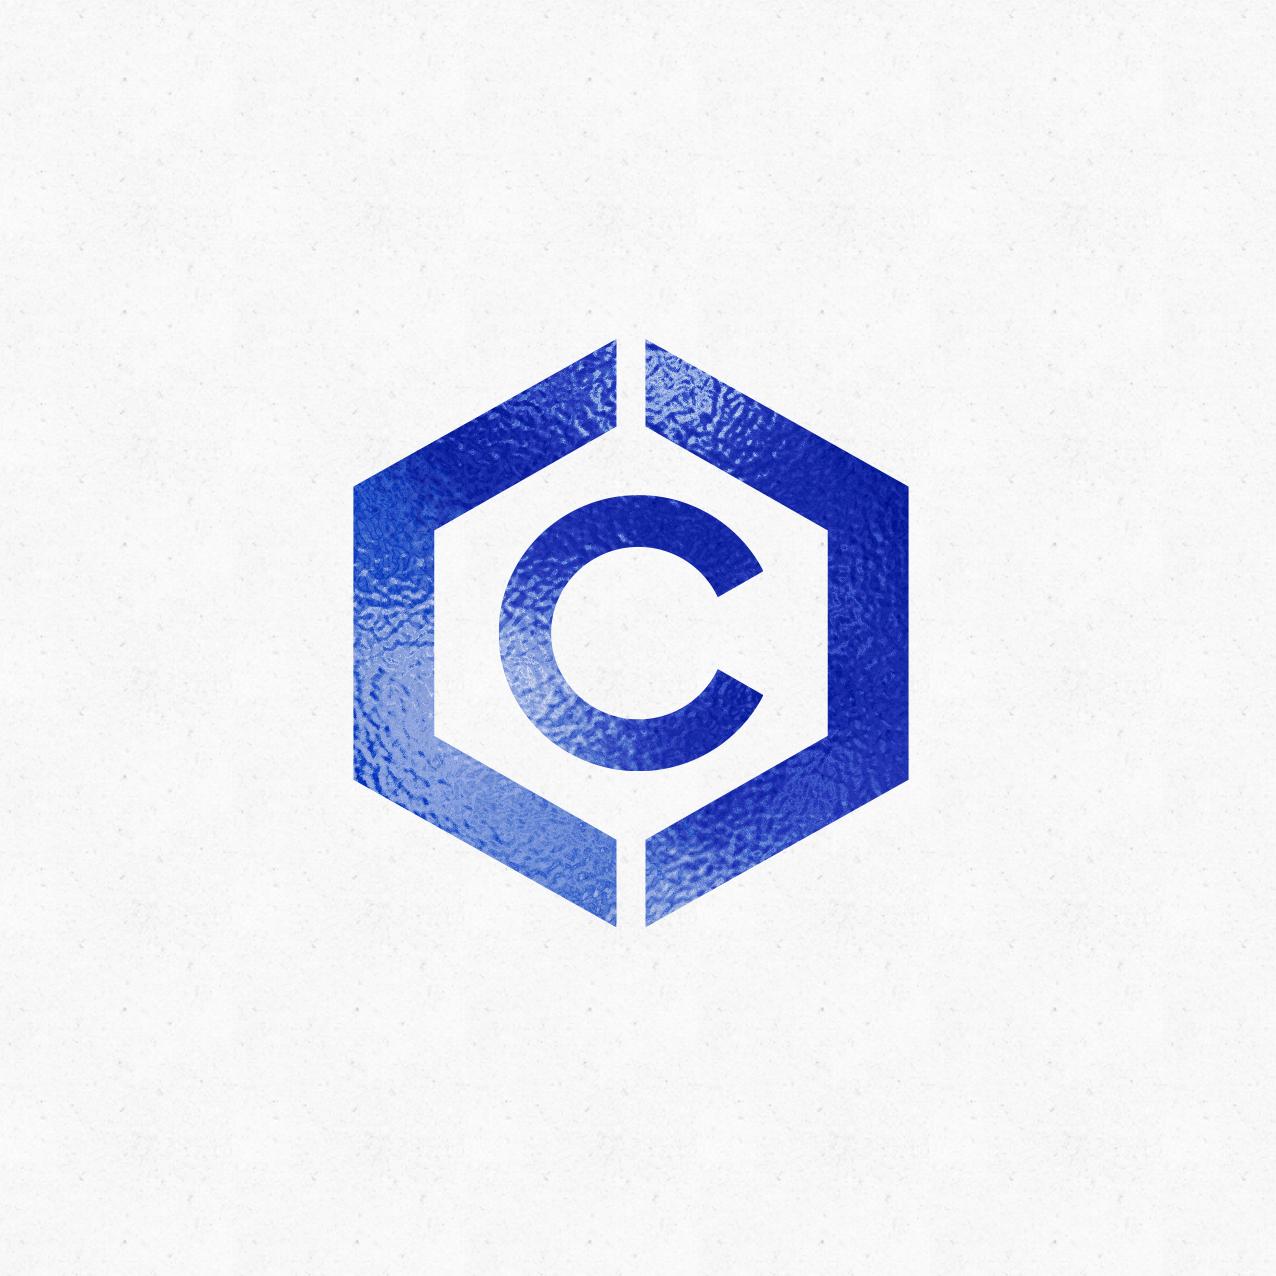 CORE Corporate Identity Design